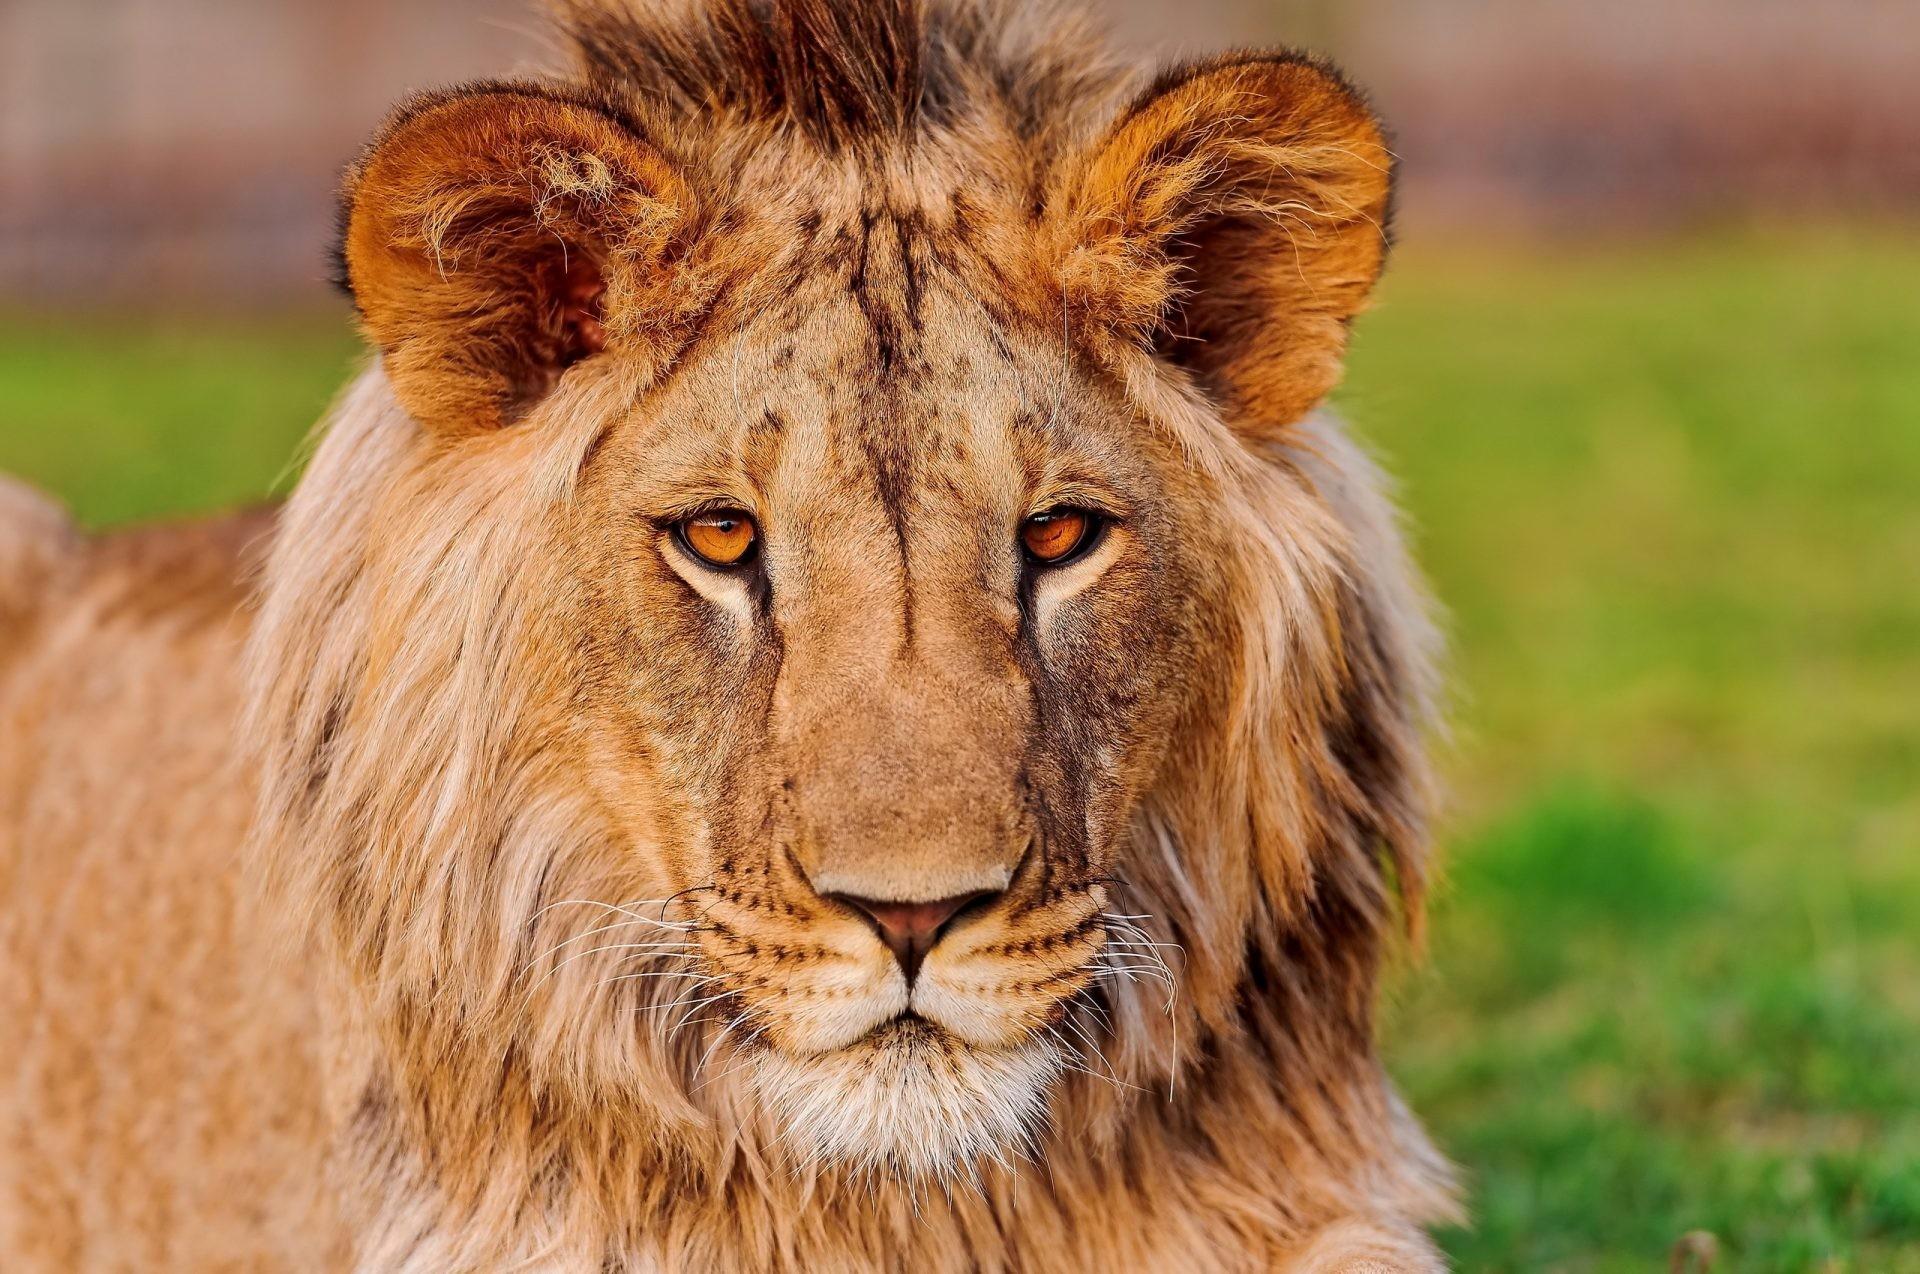 Res: 1920x1274, Download HD Photo Wallpaper Lion Face Eye Predator 058 2560x1699